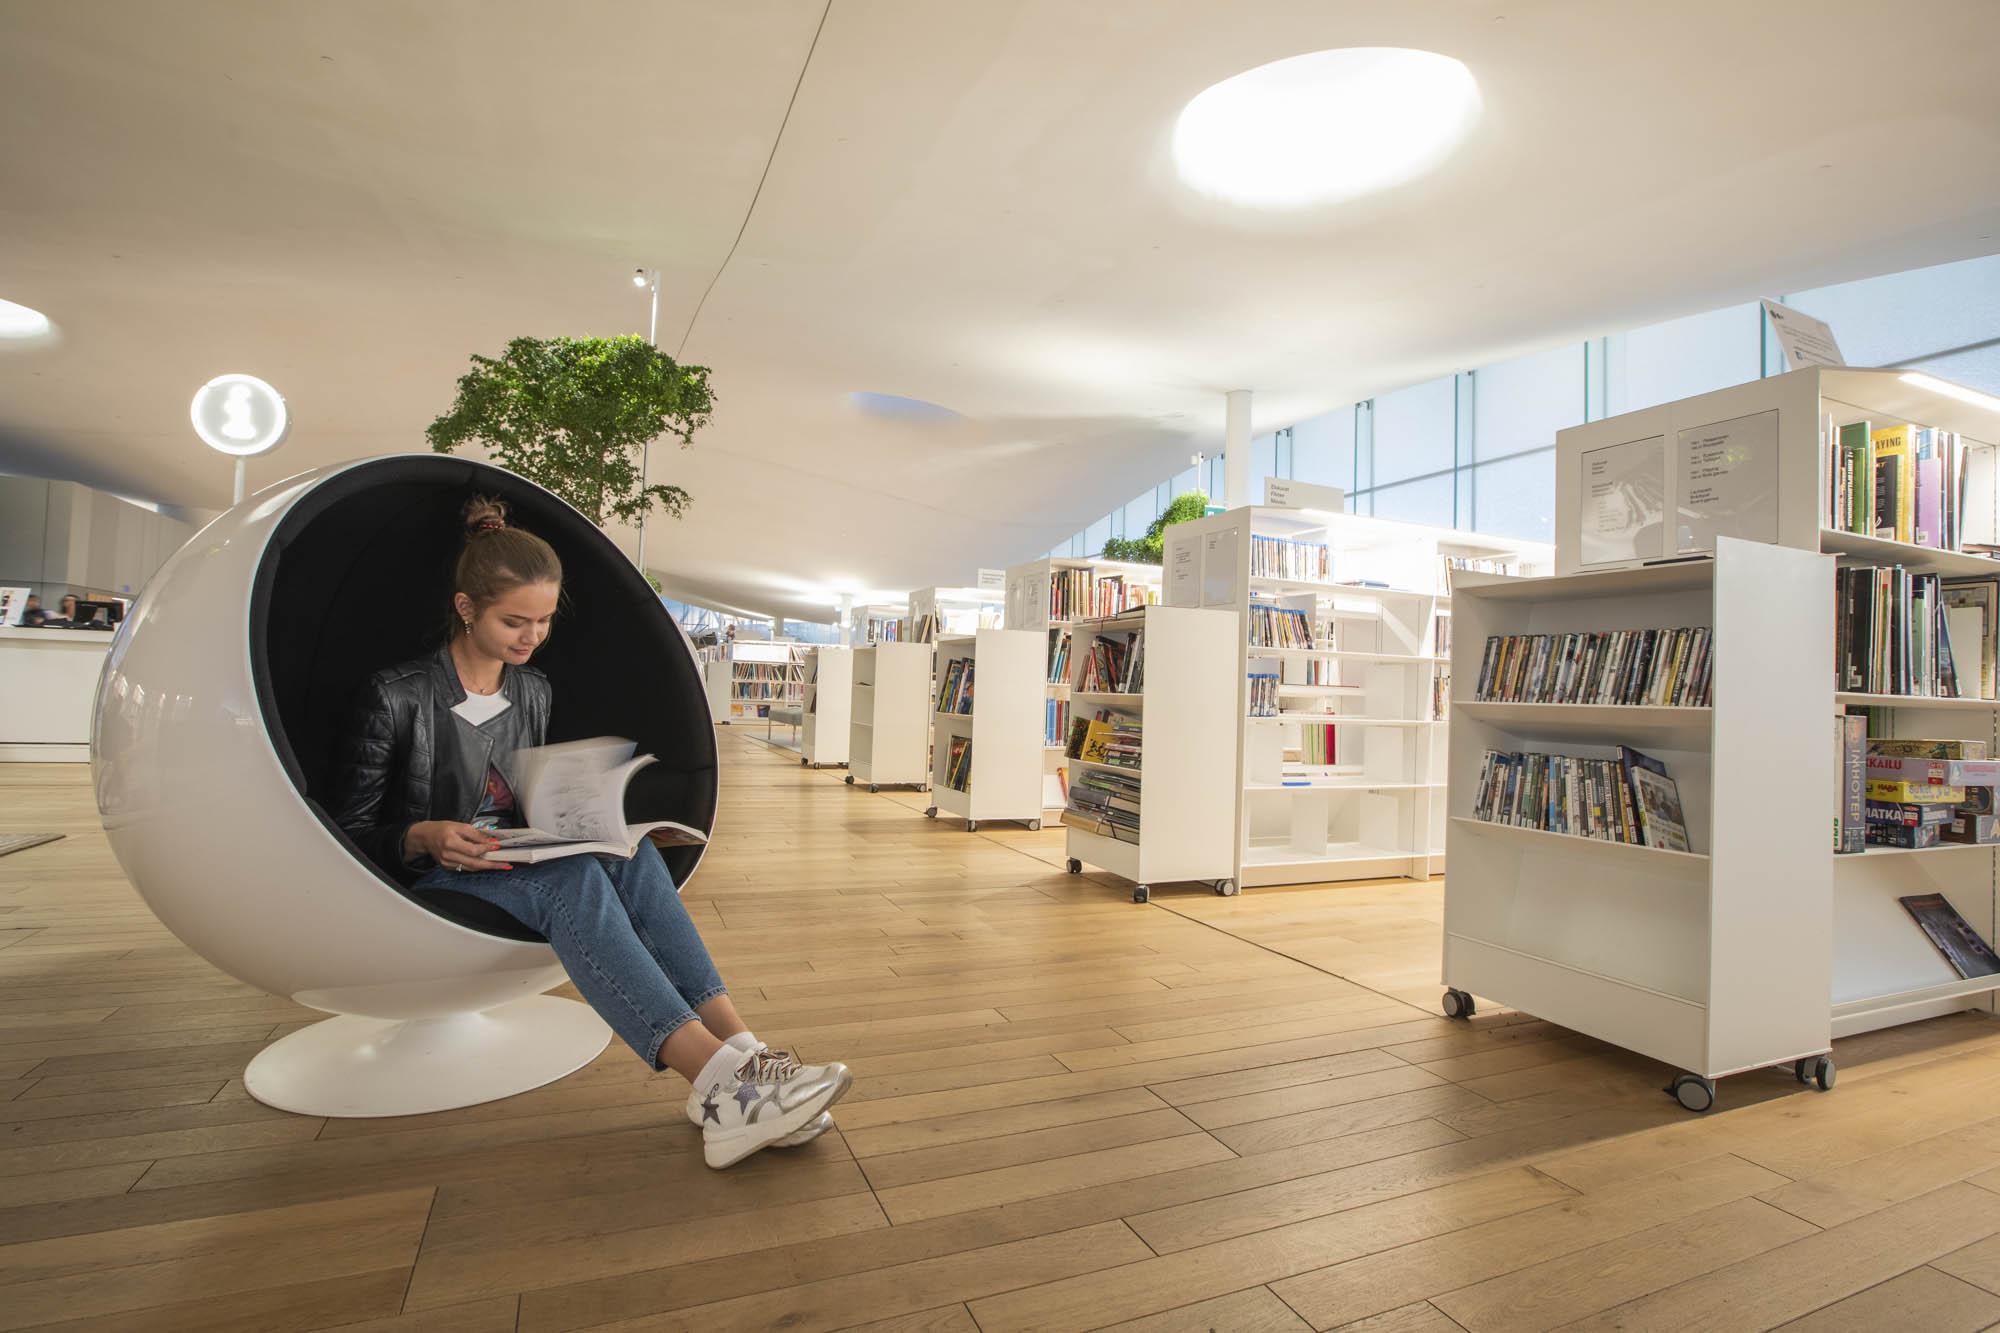 Finnland, Helsinki, Zentralbibliothek Oodi beherbergt rund 100.00 Bücher